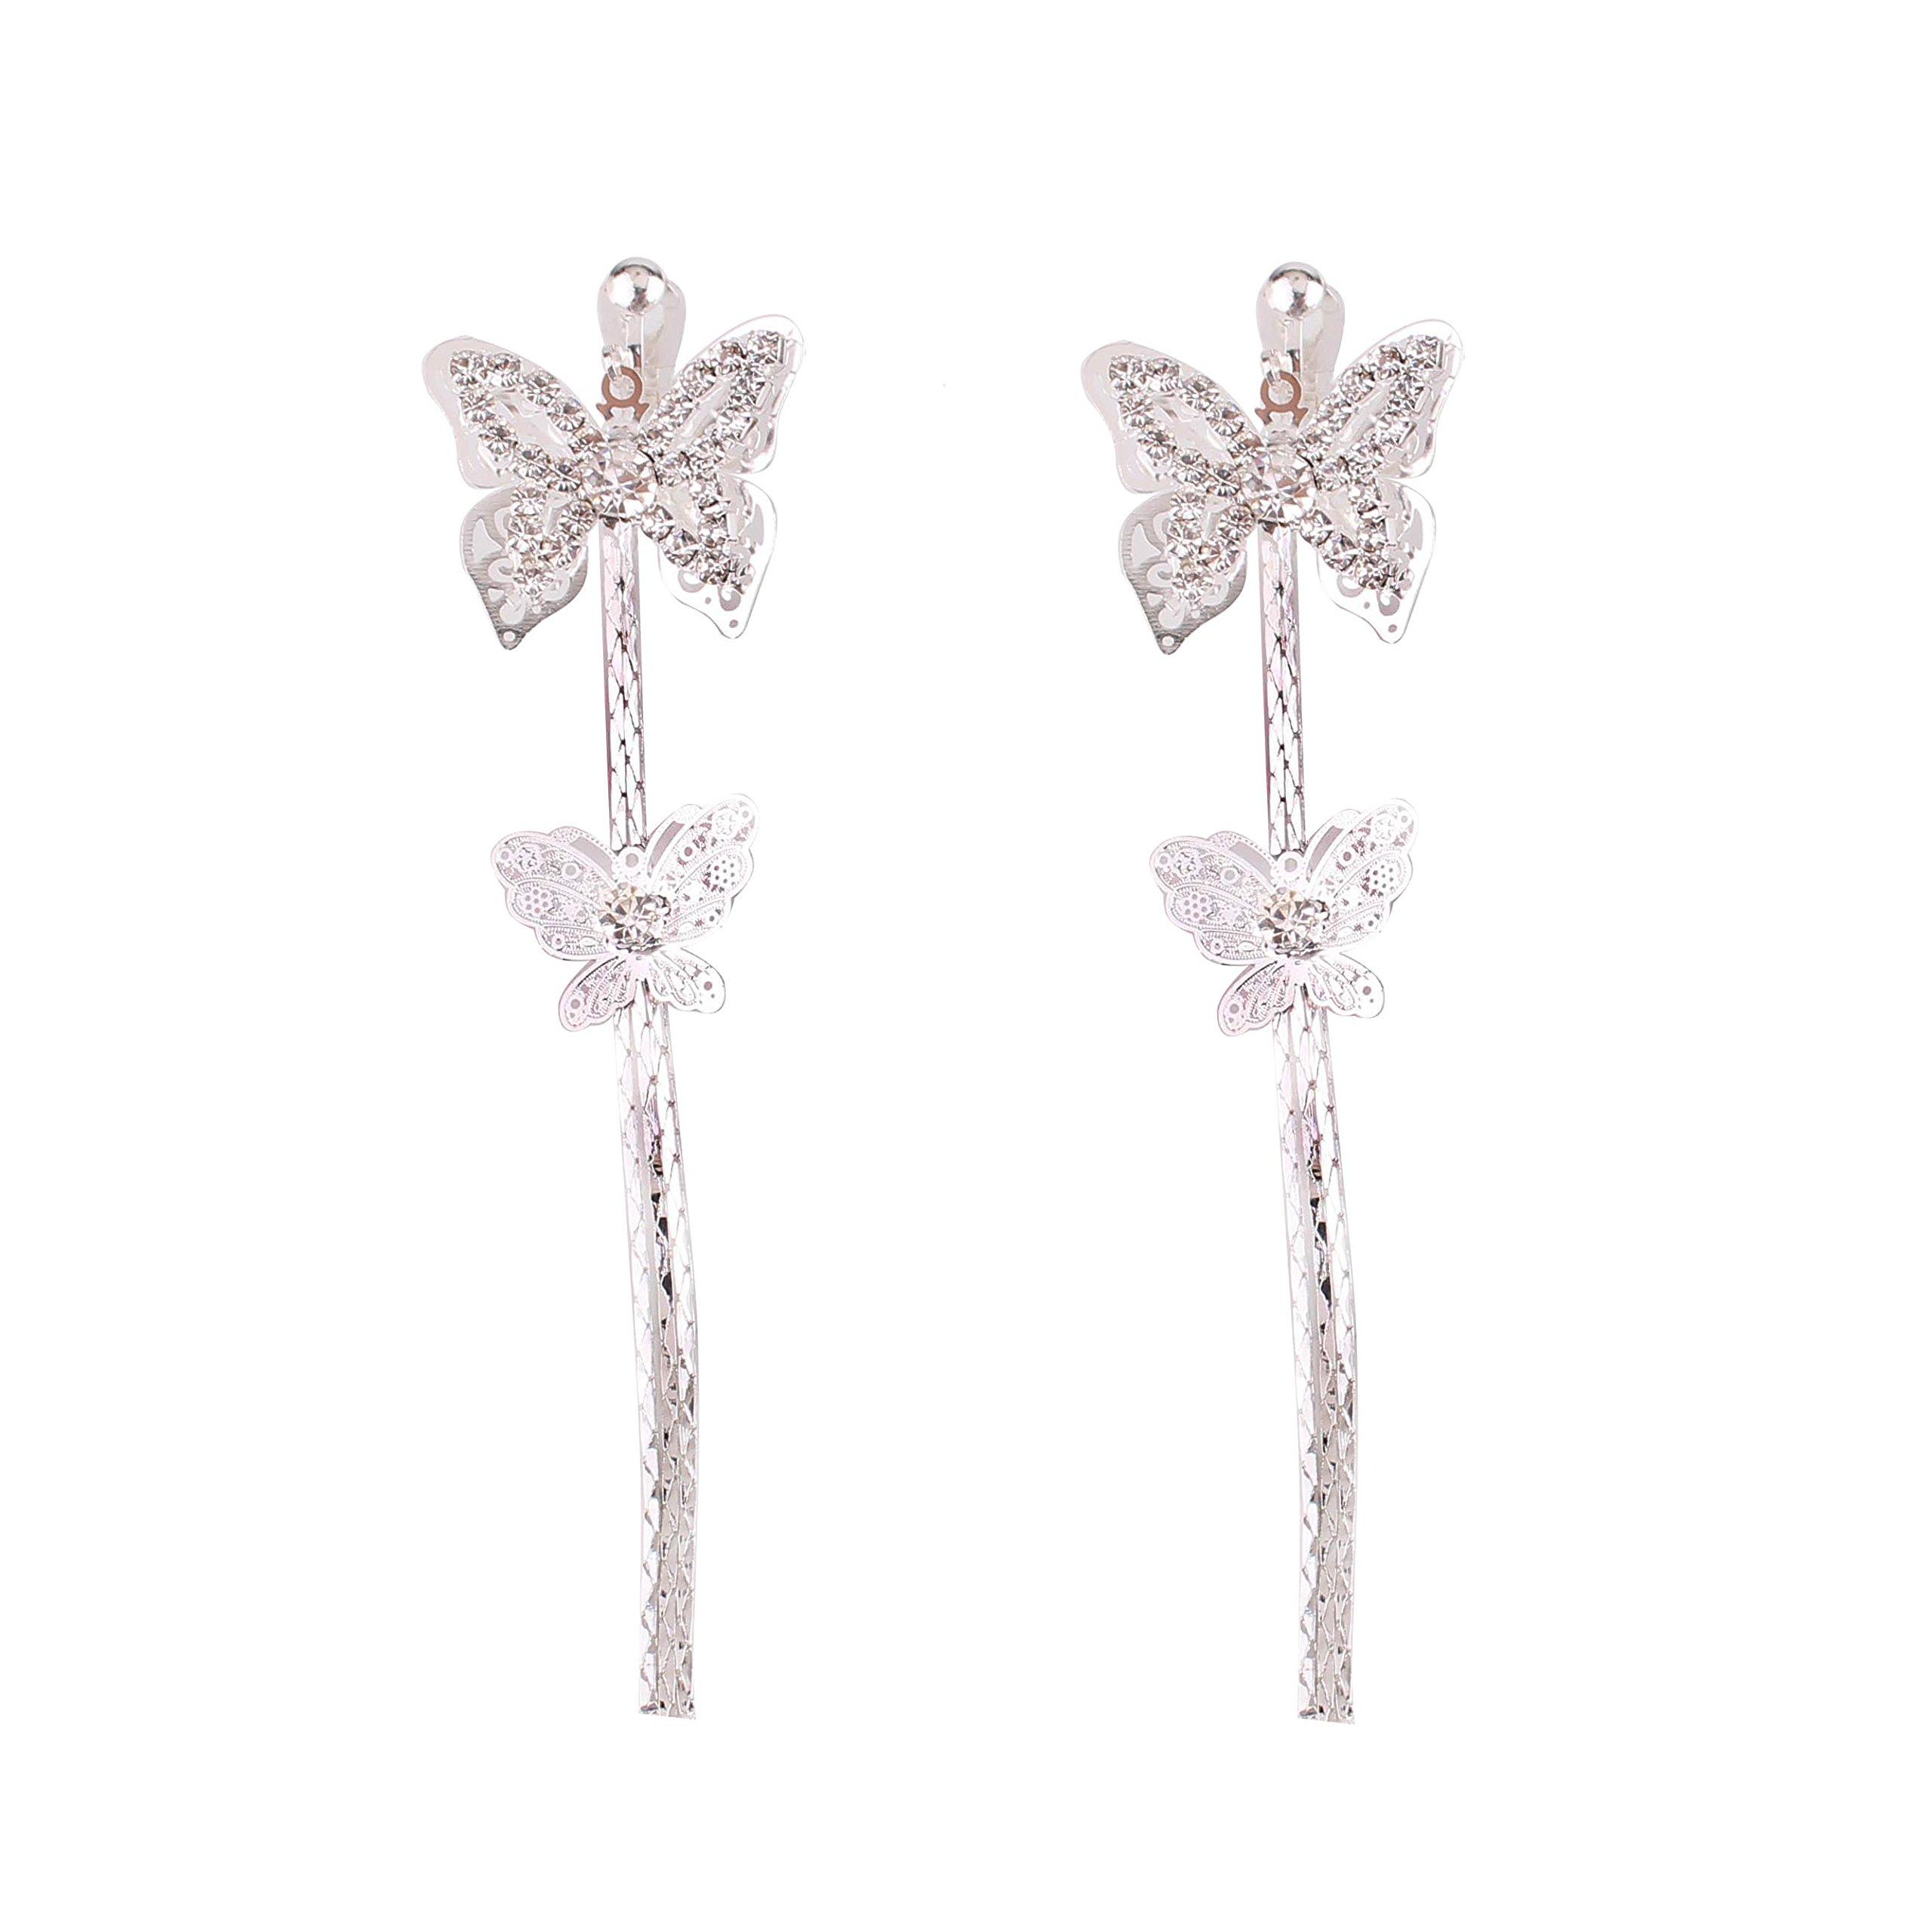 Grace Jun Bridal Rhinestone Double Butterfly Clip on Earrings Non Piercing for Women Large Statement Earrings (silver ear clip)